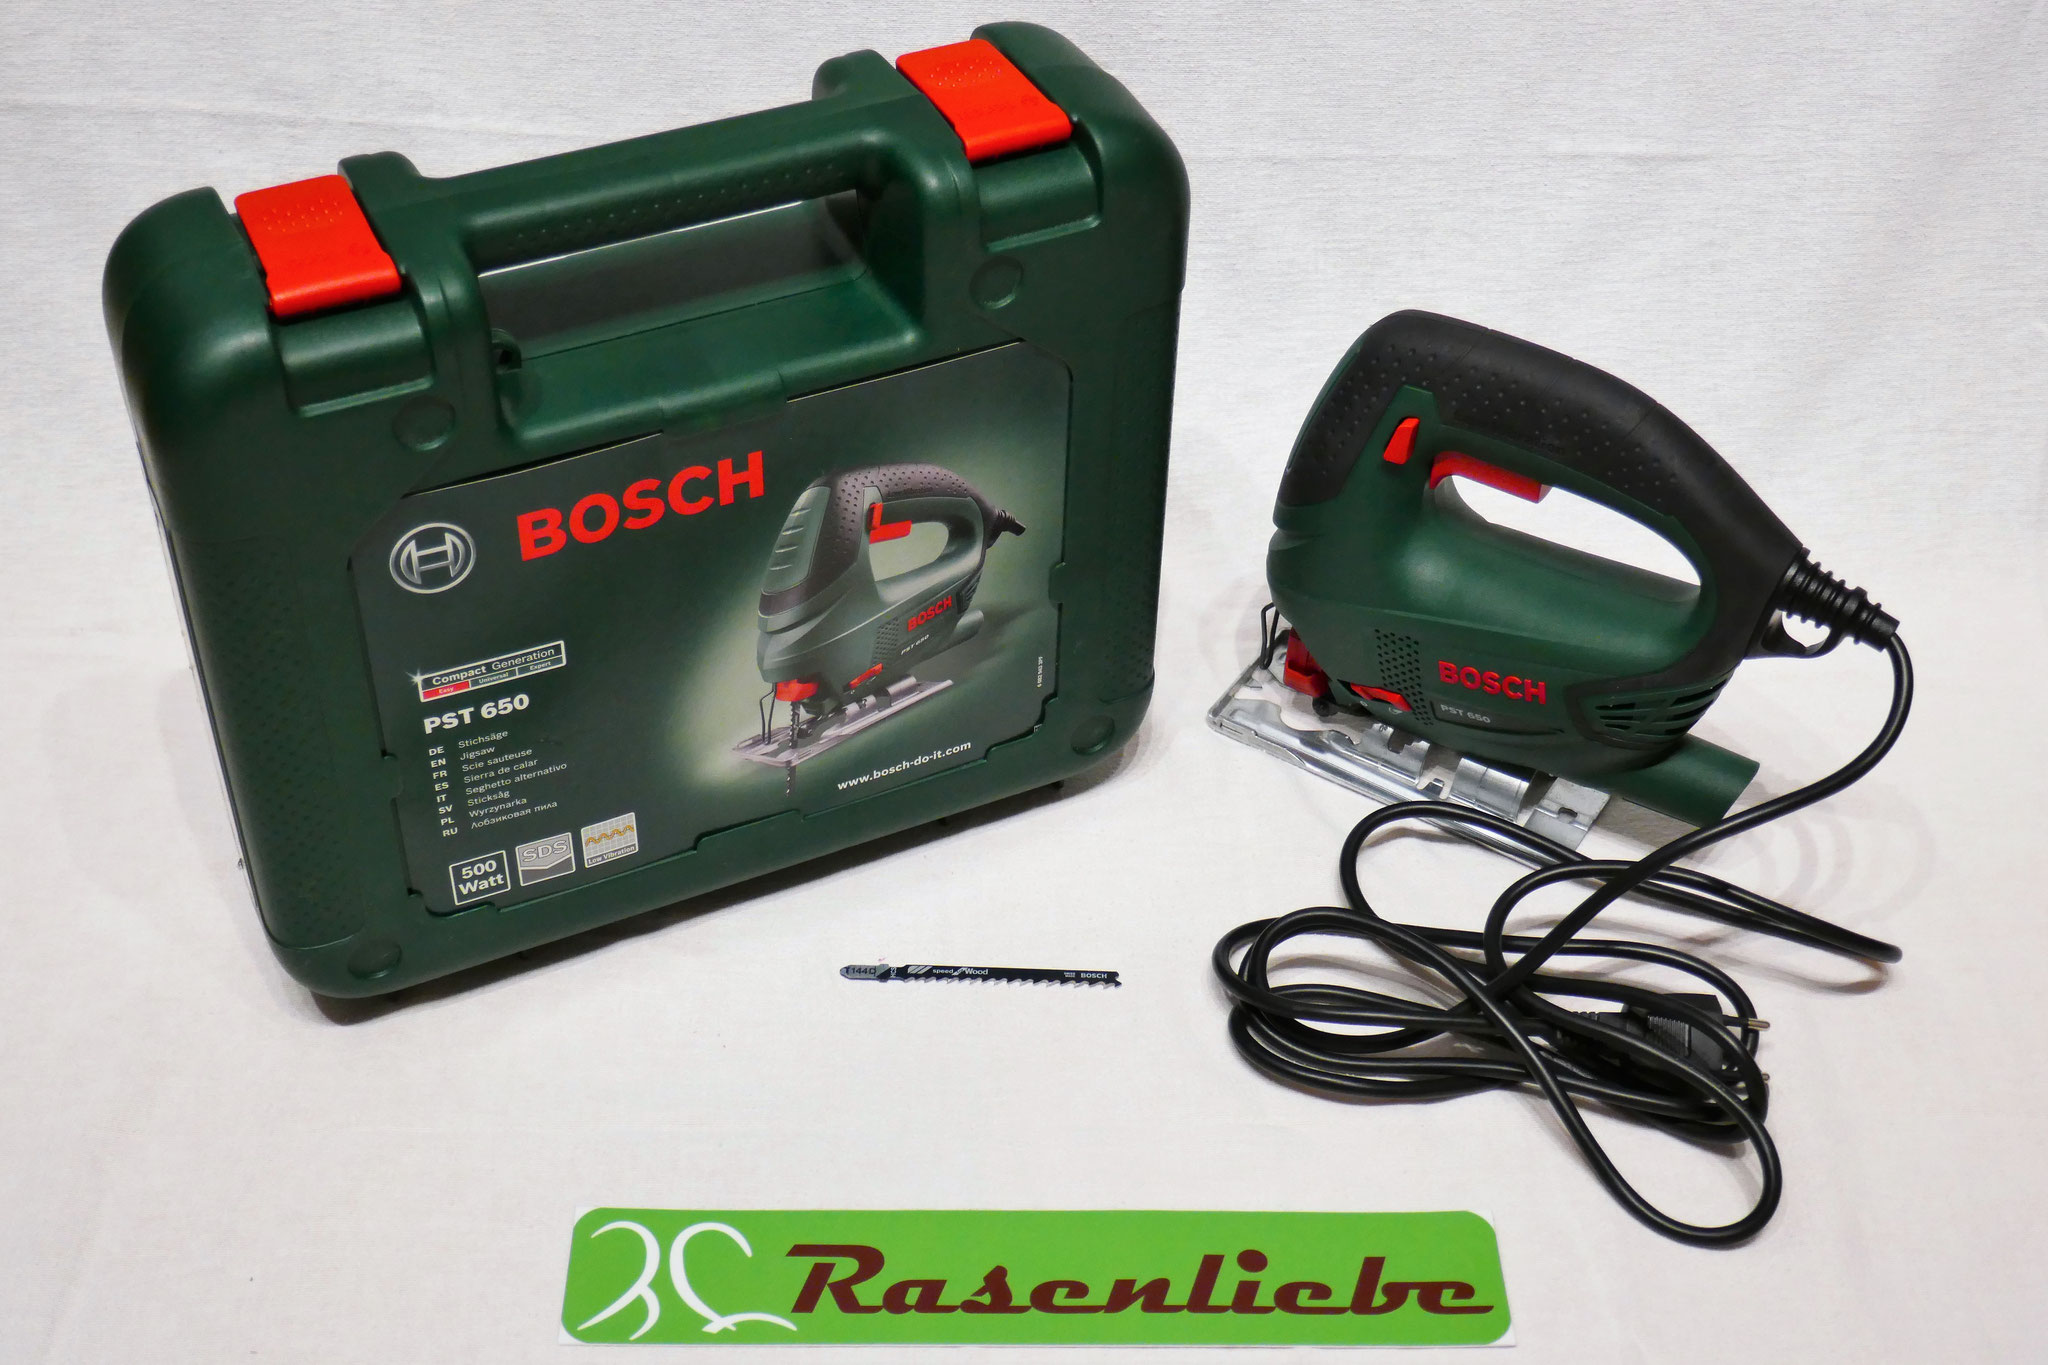 Bosch Stichsäge PST 650 mit Holzsägeblatt